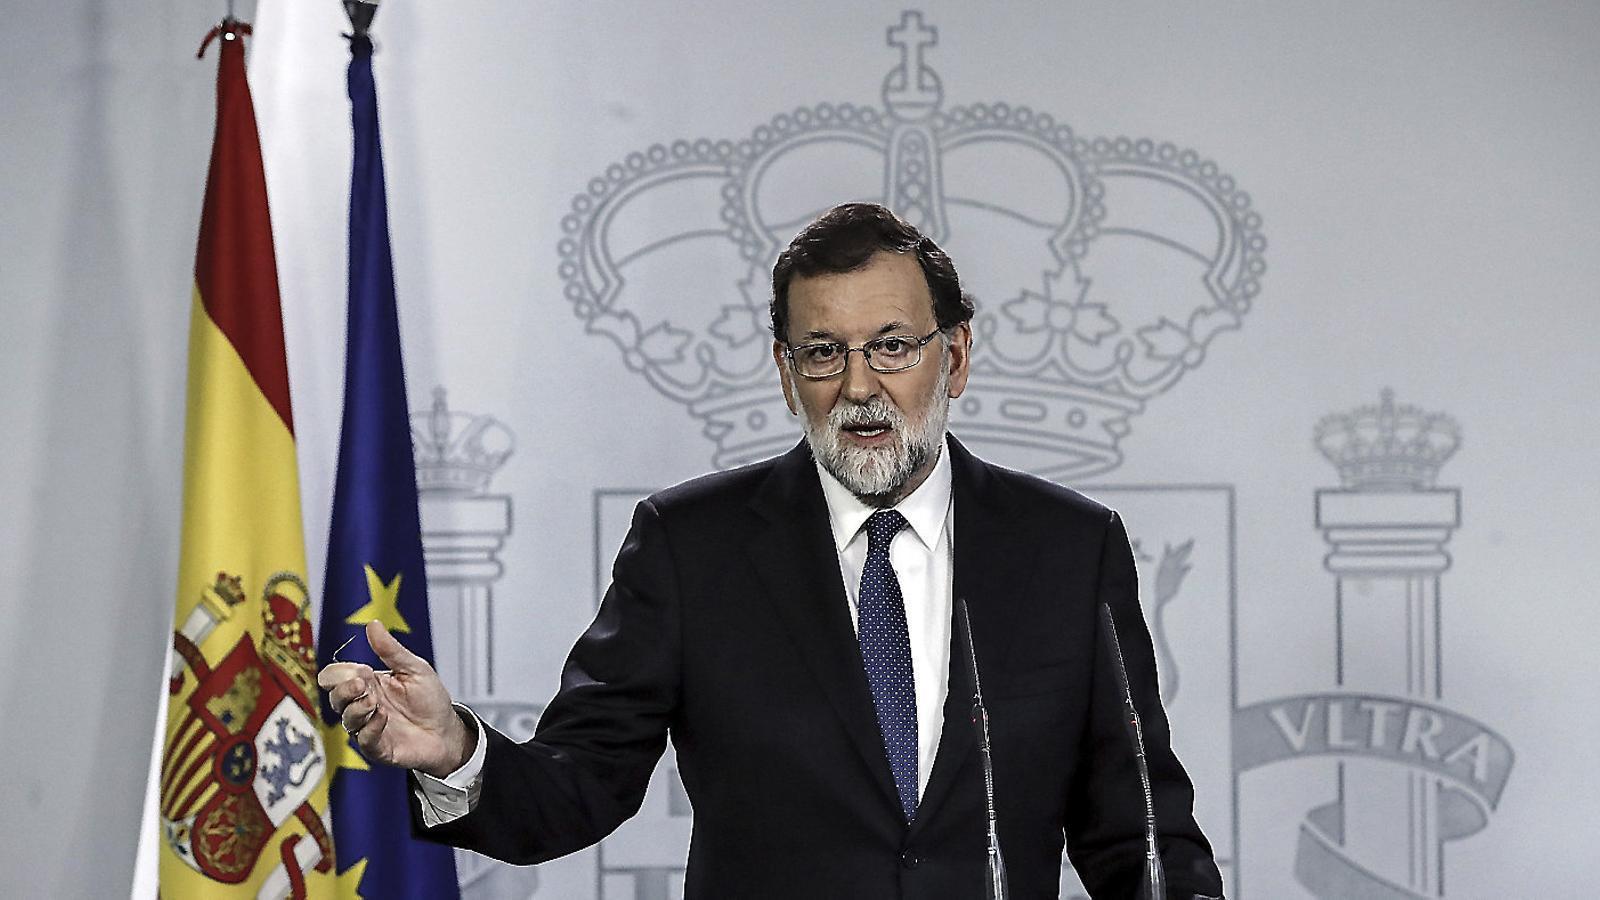 Avui fa un any Rajoy demana a puigdemont si  Va declarar la independència o no